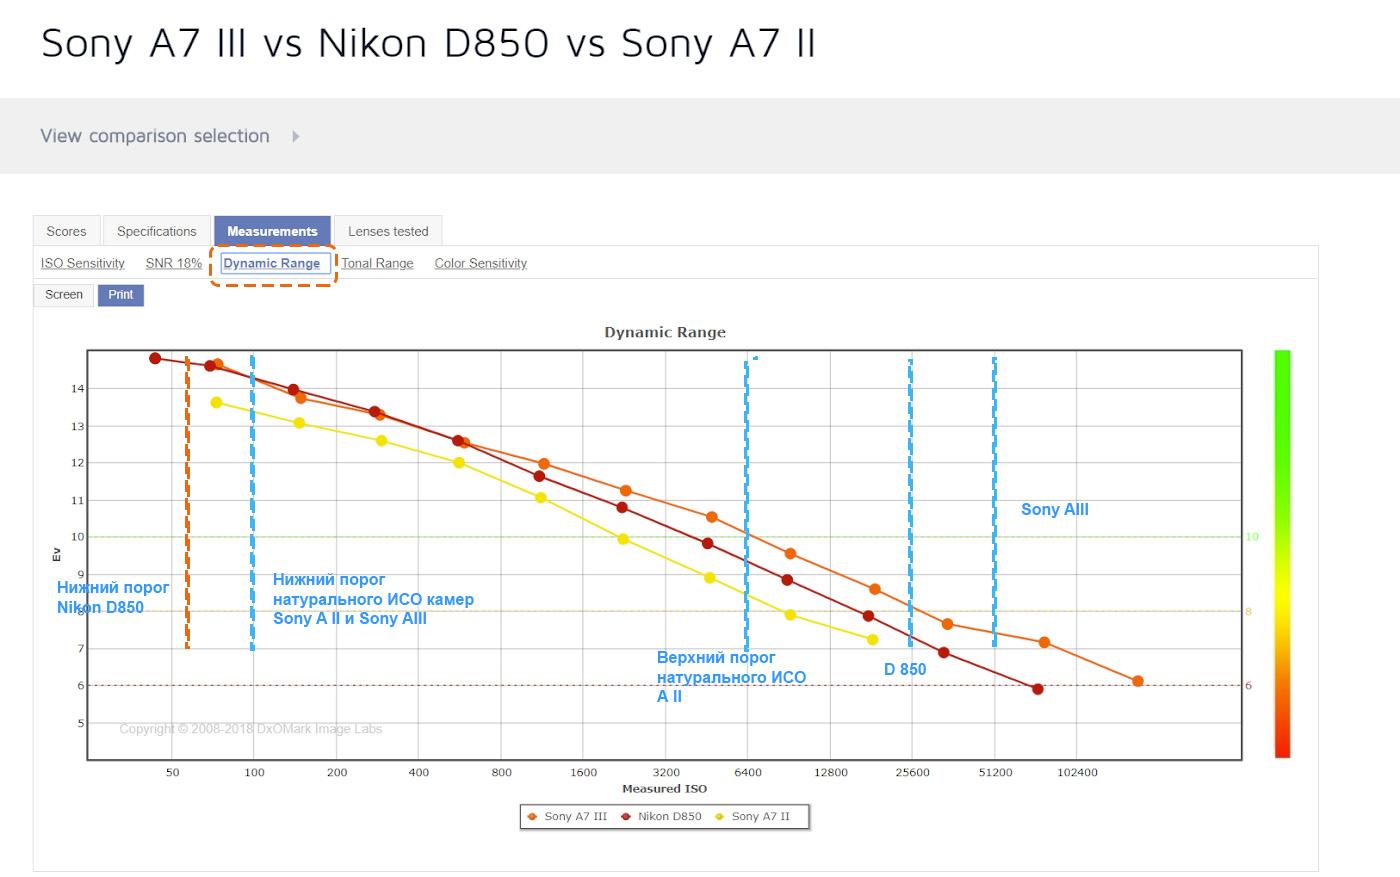 10. Сравнение динамического диапазона беззеркалок Sony A7 II, Sony A7 III и зеркалки Nikon D850.